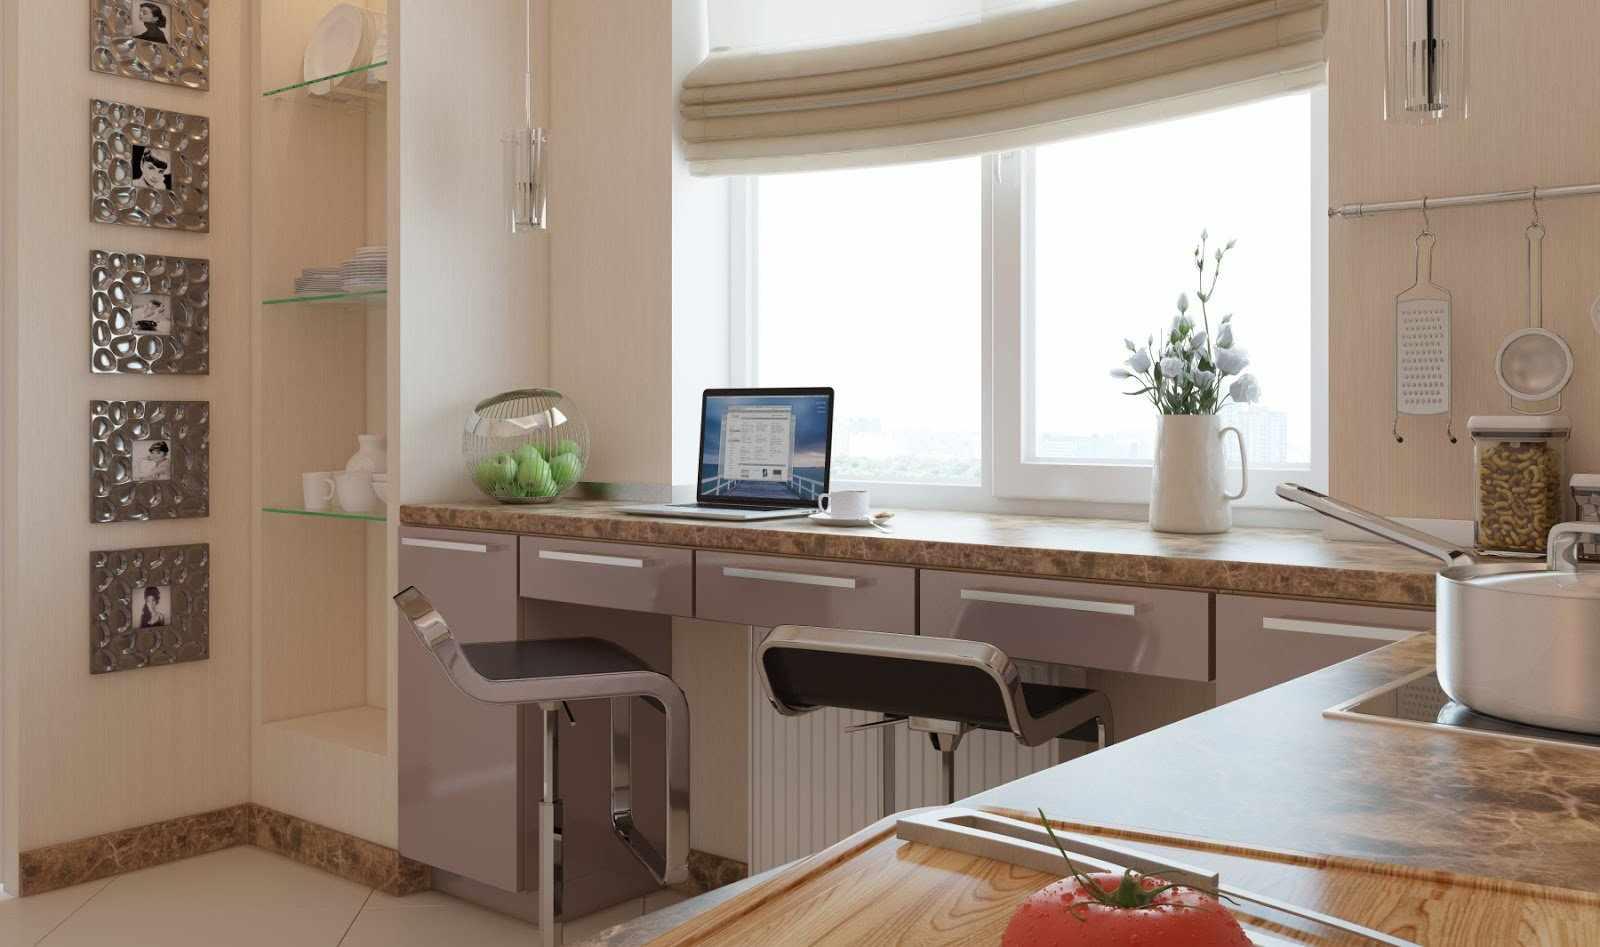 Рабочая зона на кухне, совмещенная с подоконником